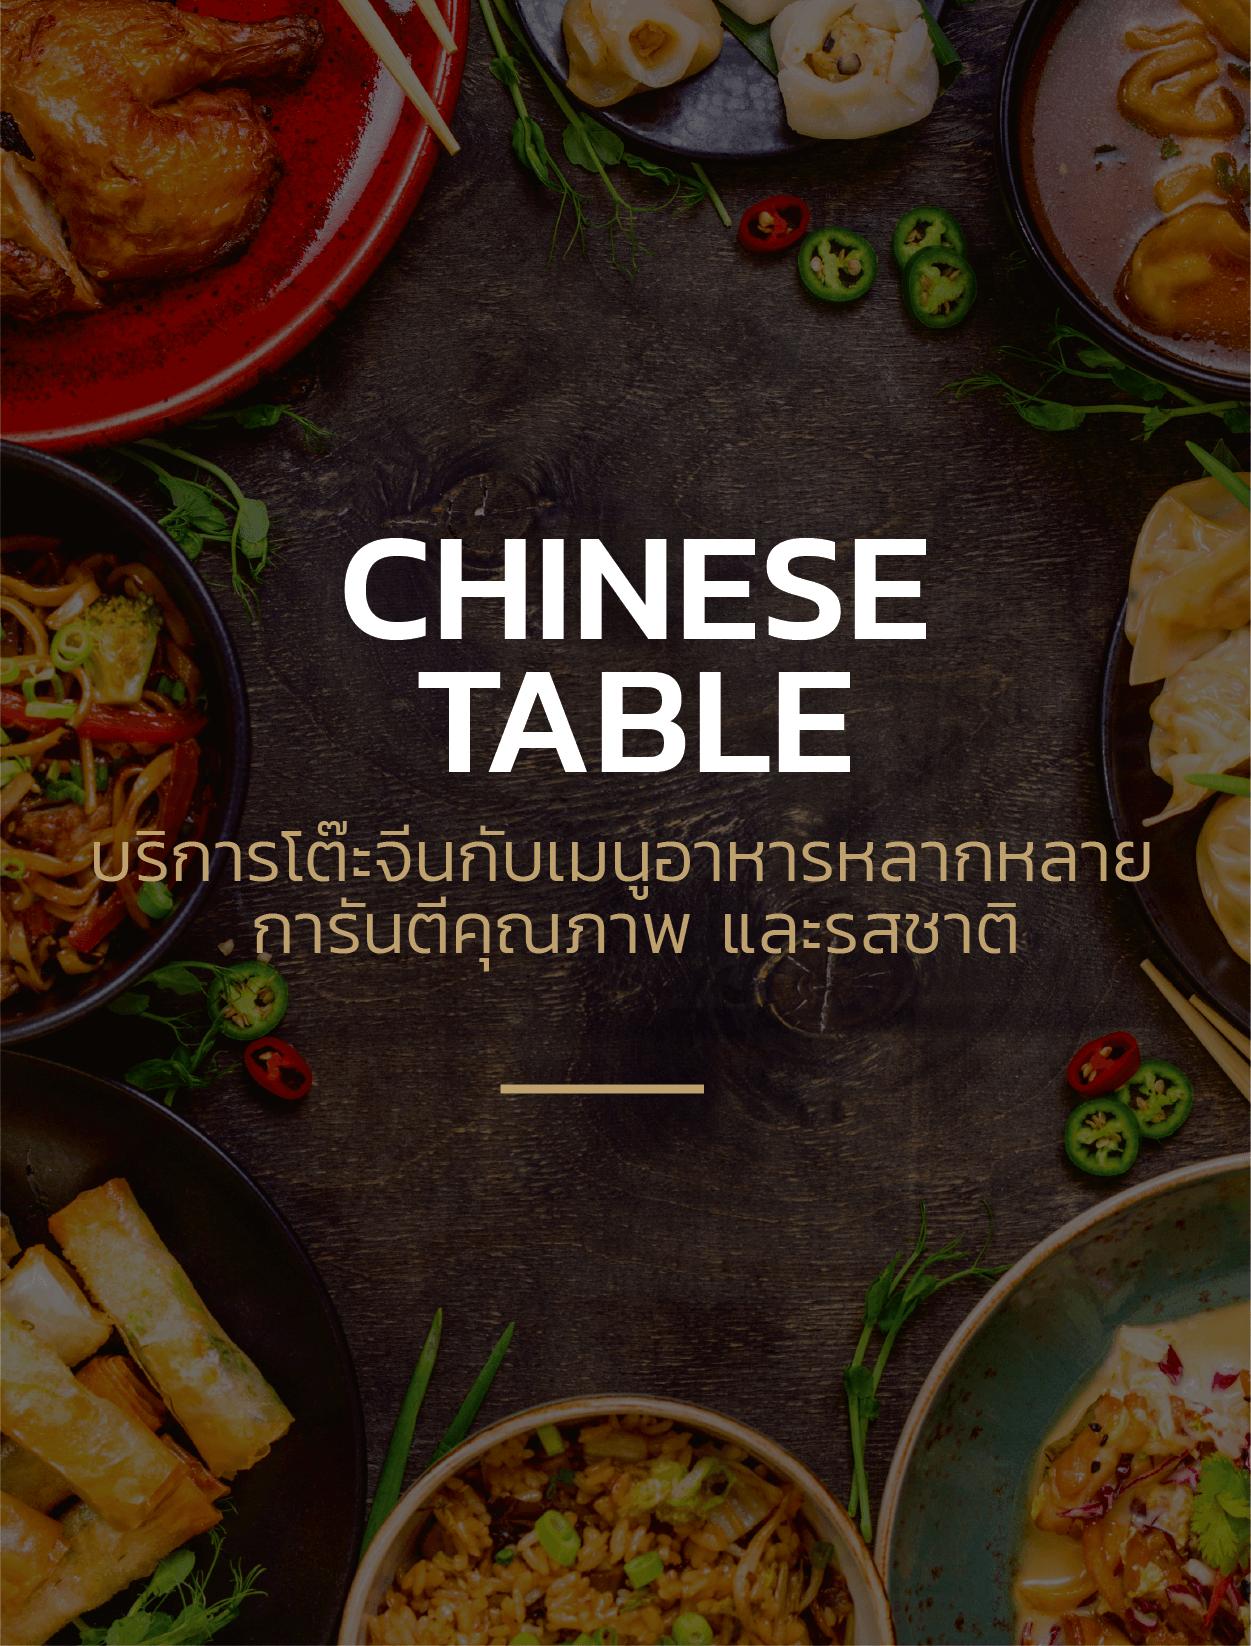 บริการอาหารโต๊ะจีน